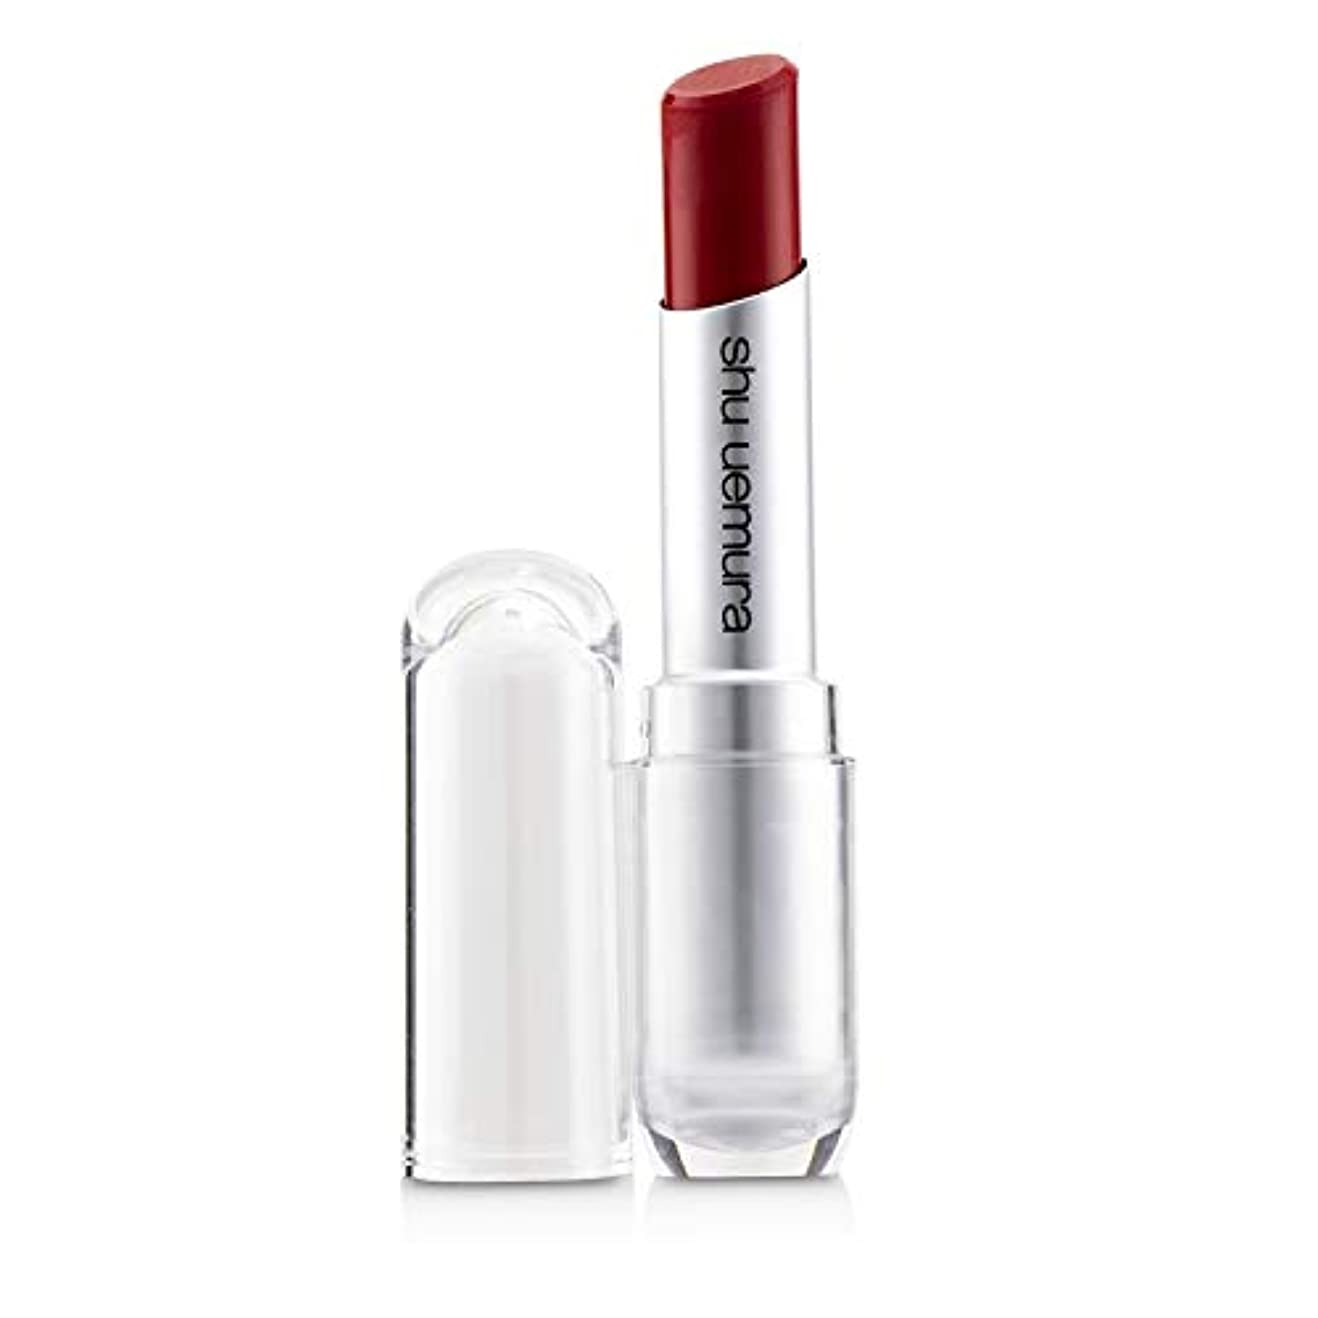 ペネロペ反動グリーンバックシュウウエムラ Rouge Unlimited Matte Lipstick - # M RD 144 3.4g/0.11oz並行輸入品